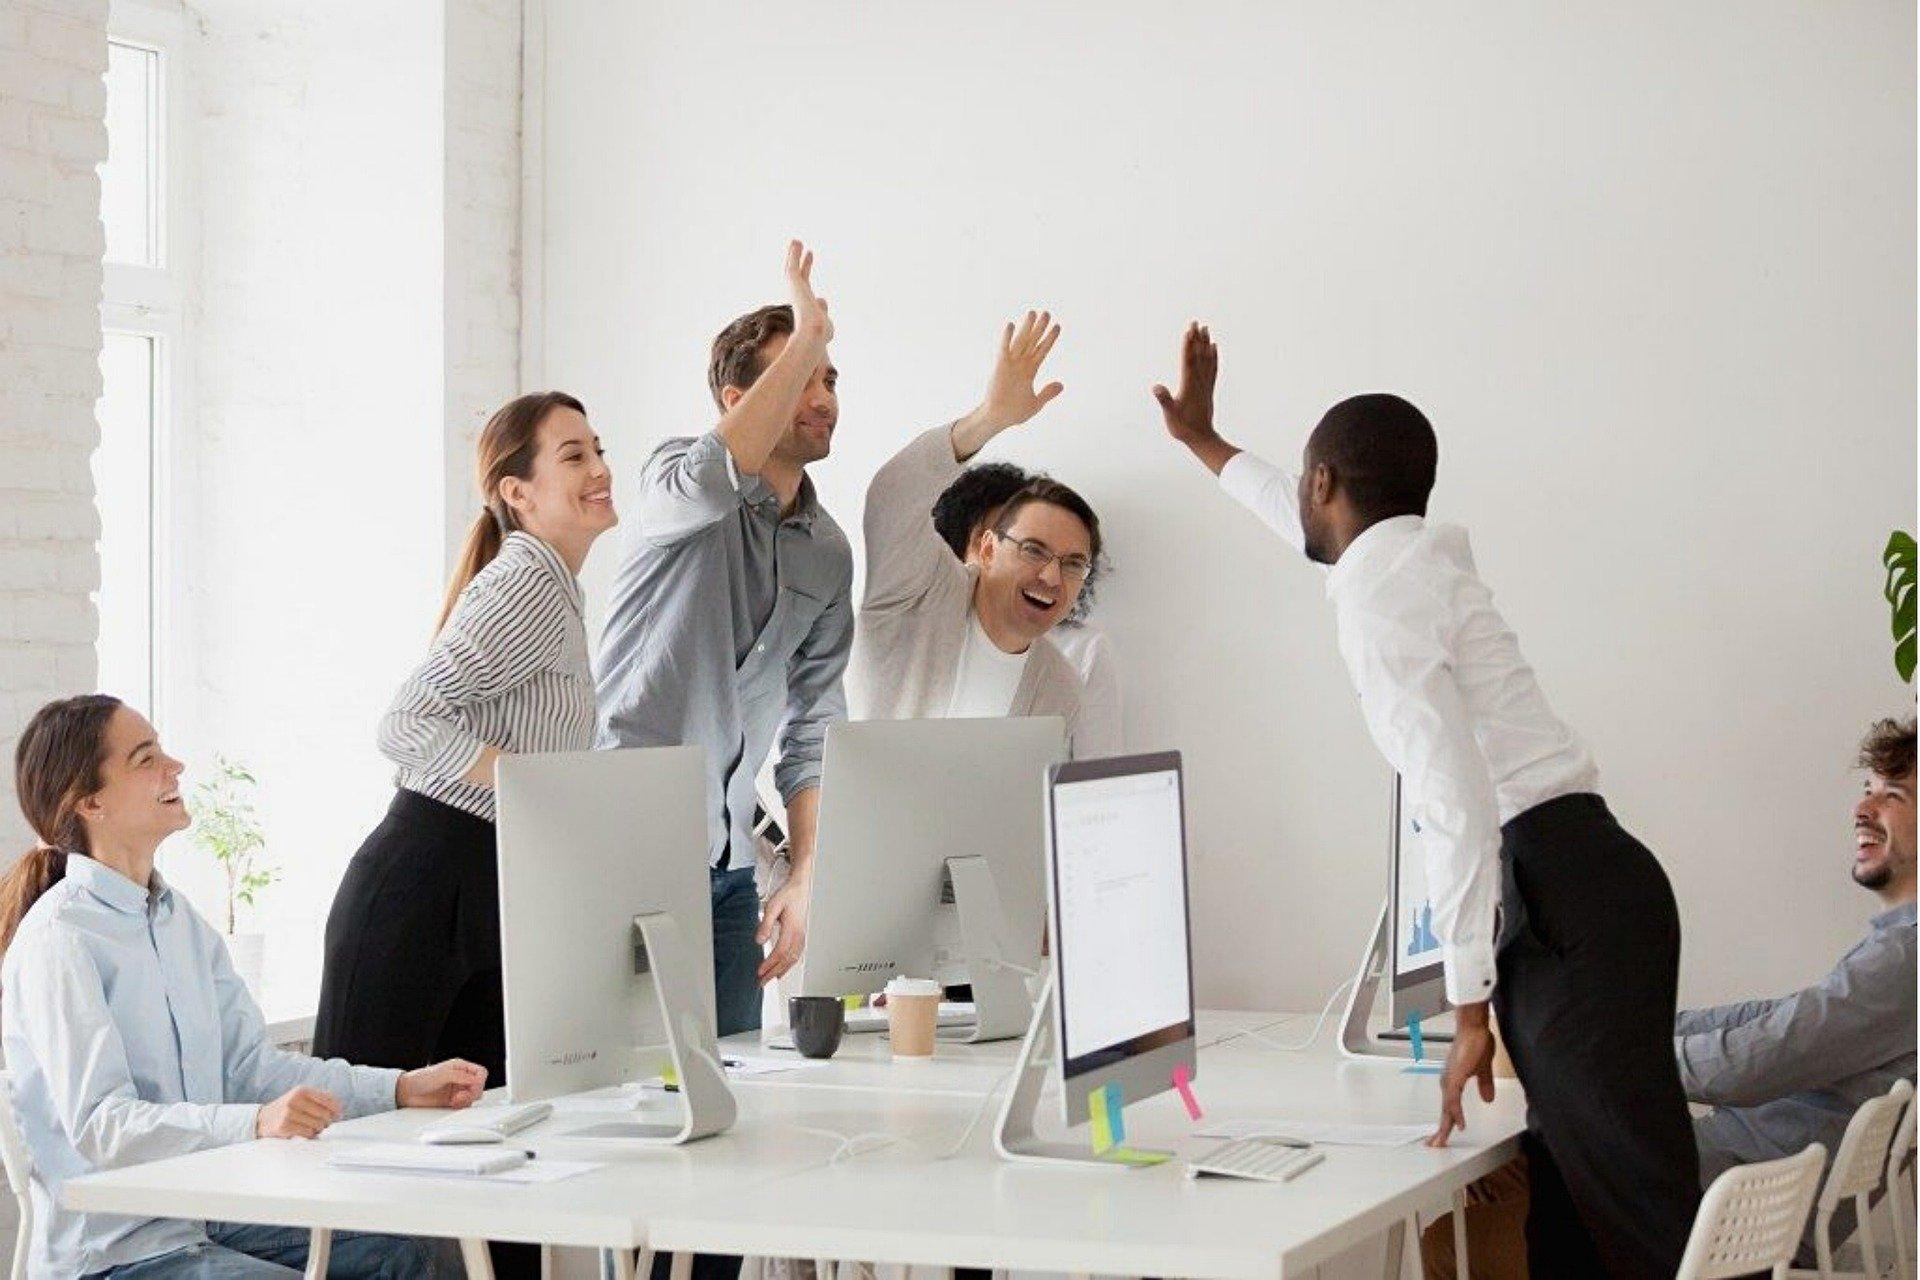 Agiles Coaching - Innovative Methoden für Unternehmen